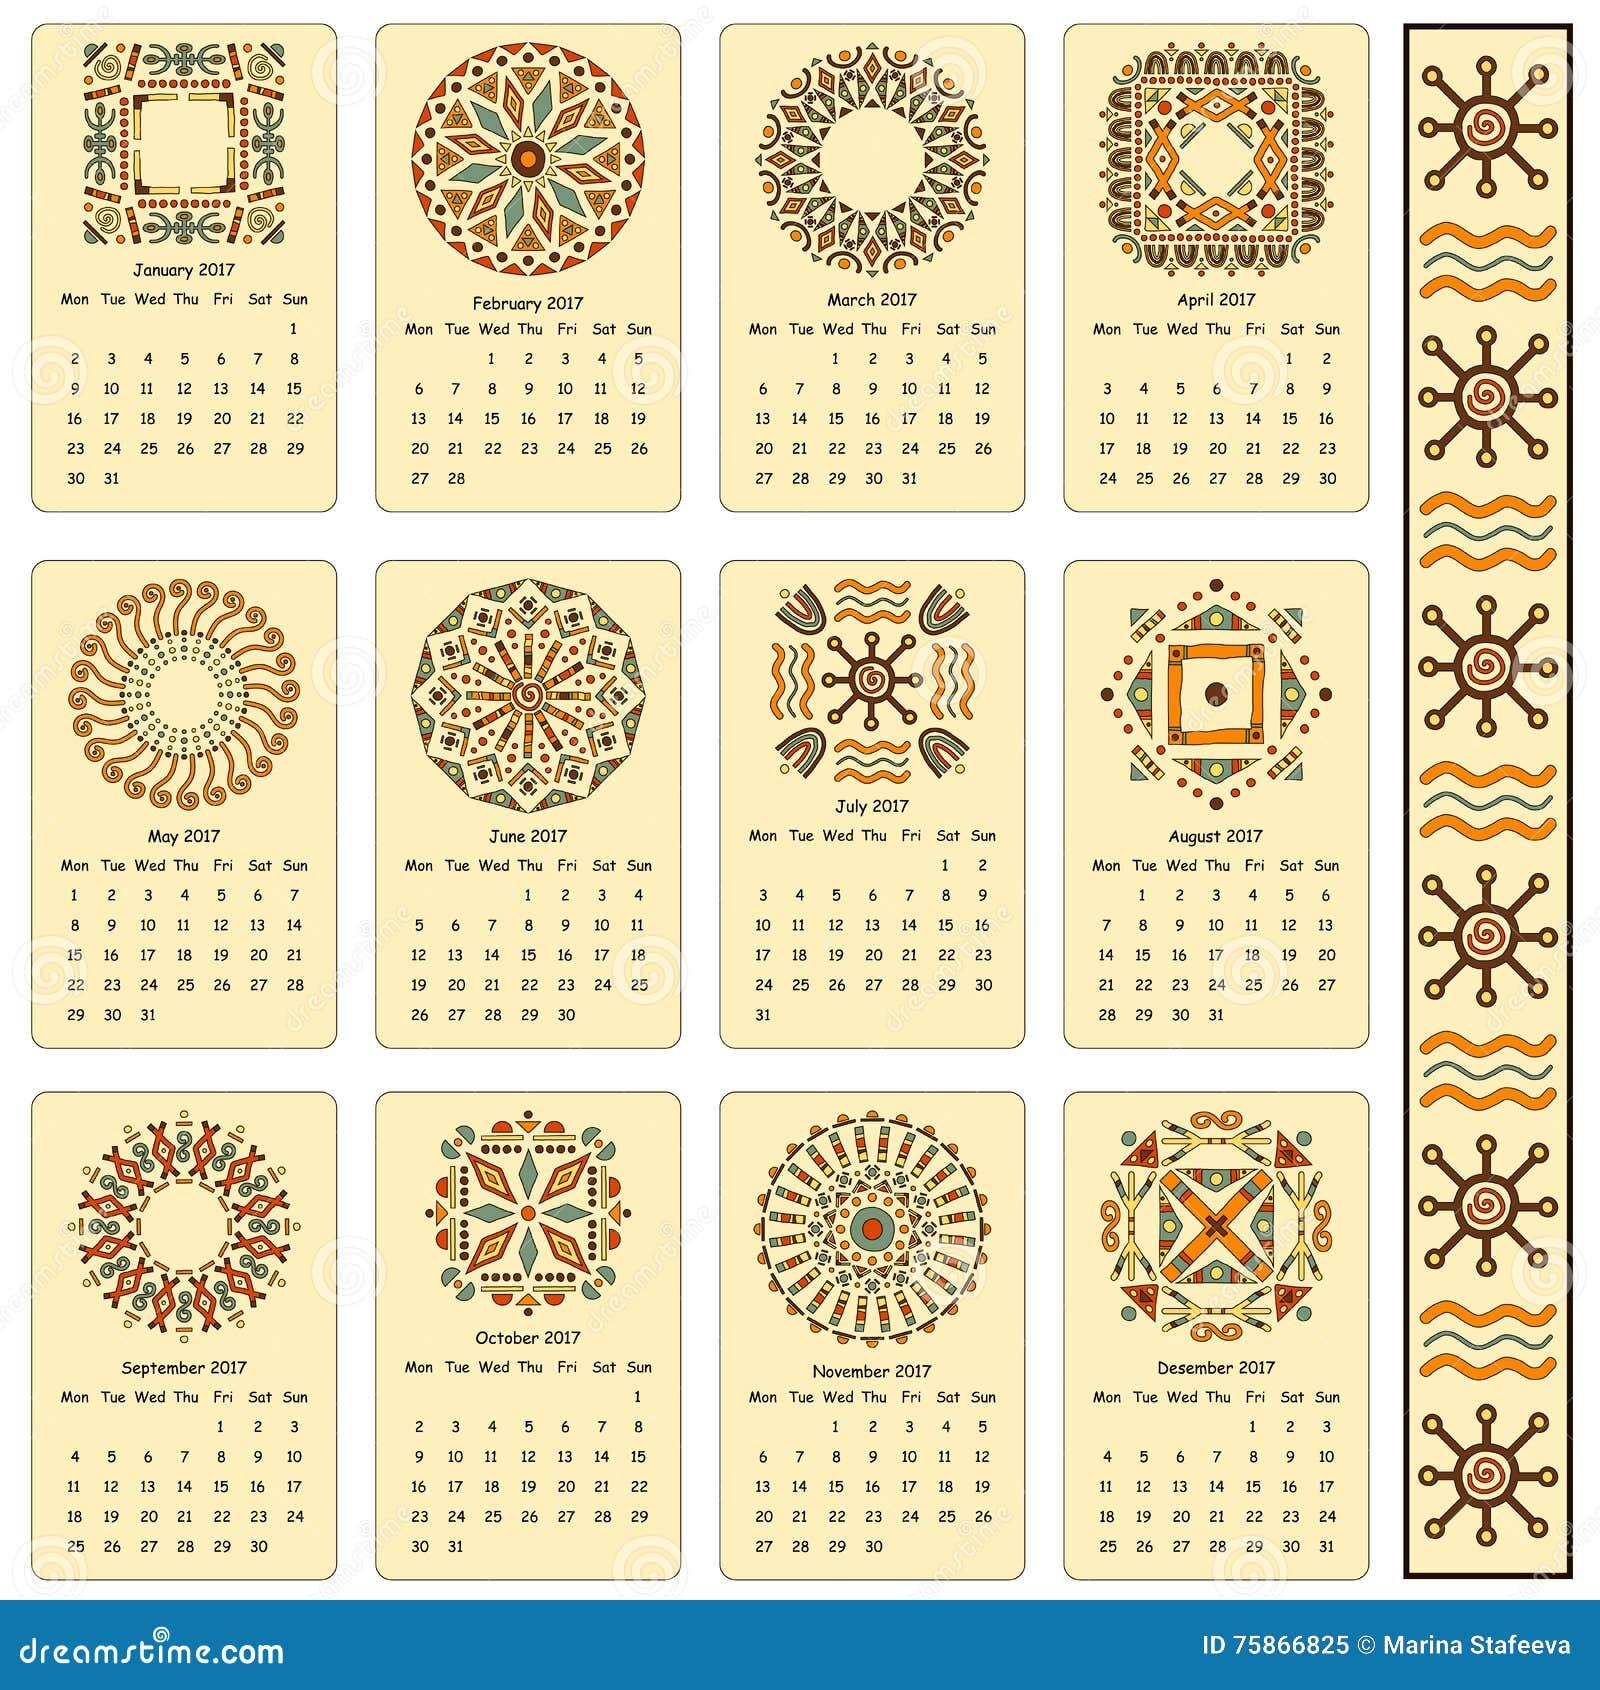 Calendrier Egyptien.Calendrier Modeles Egyptiens Cartes Pour Le Chaque Mois De L